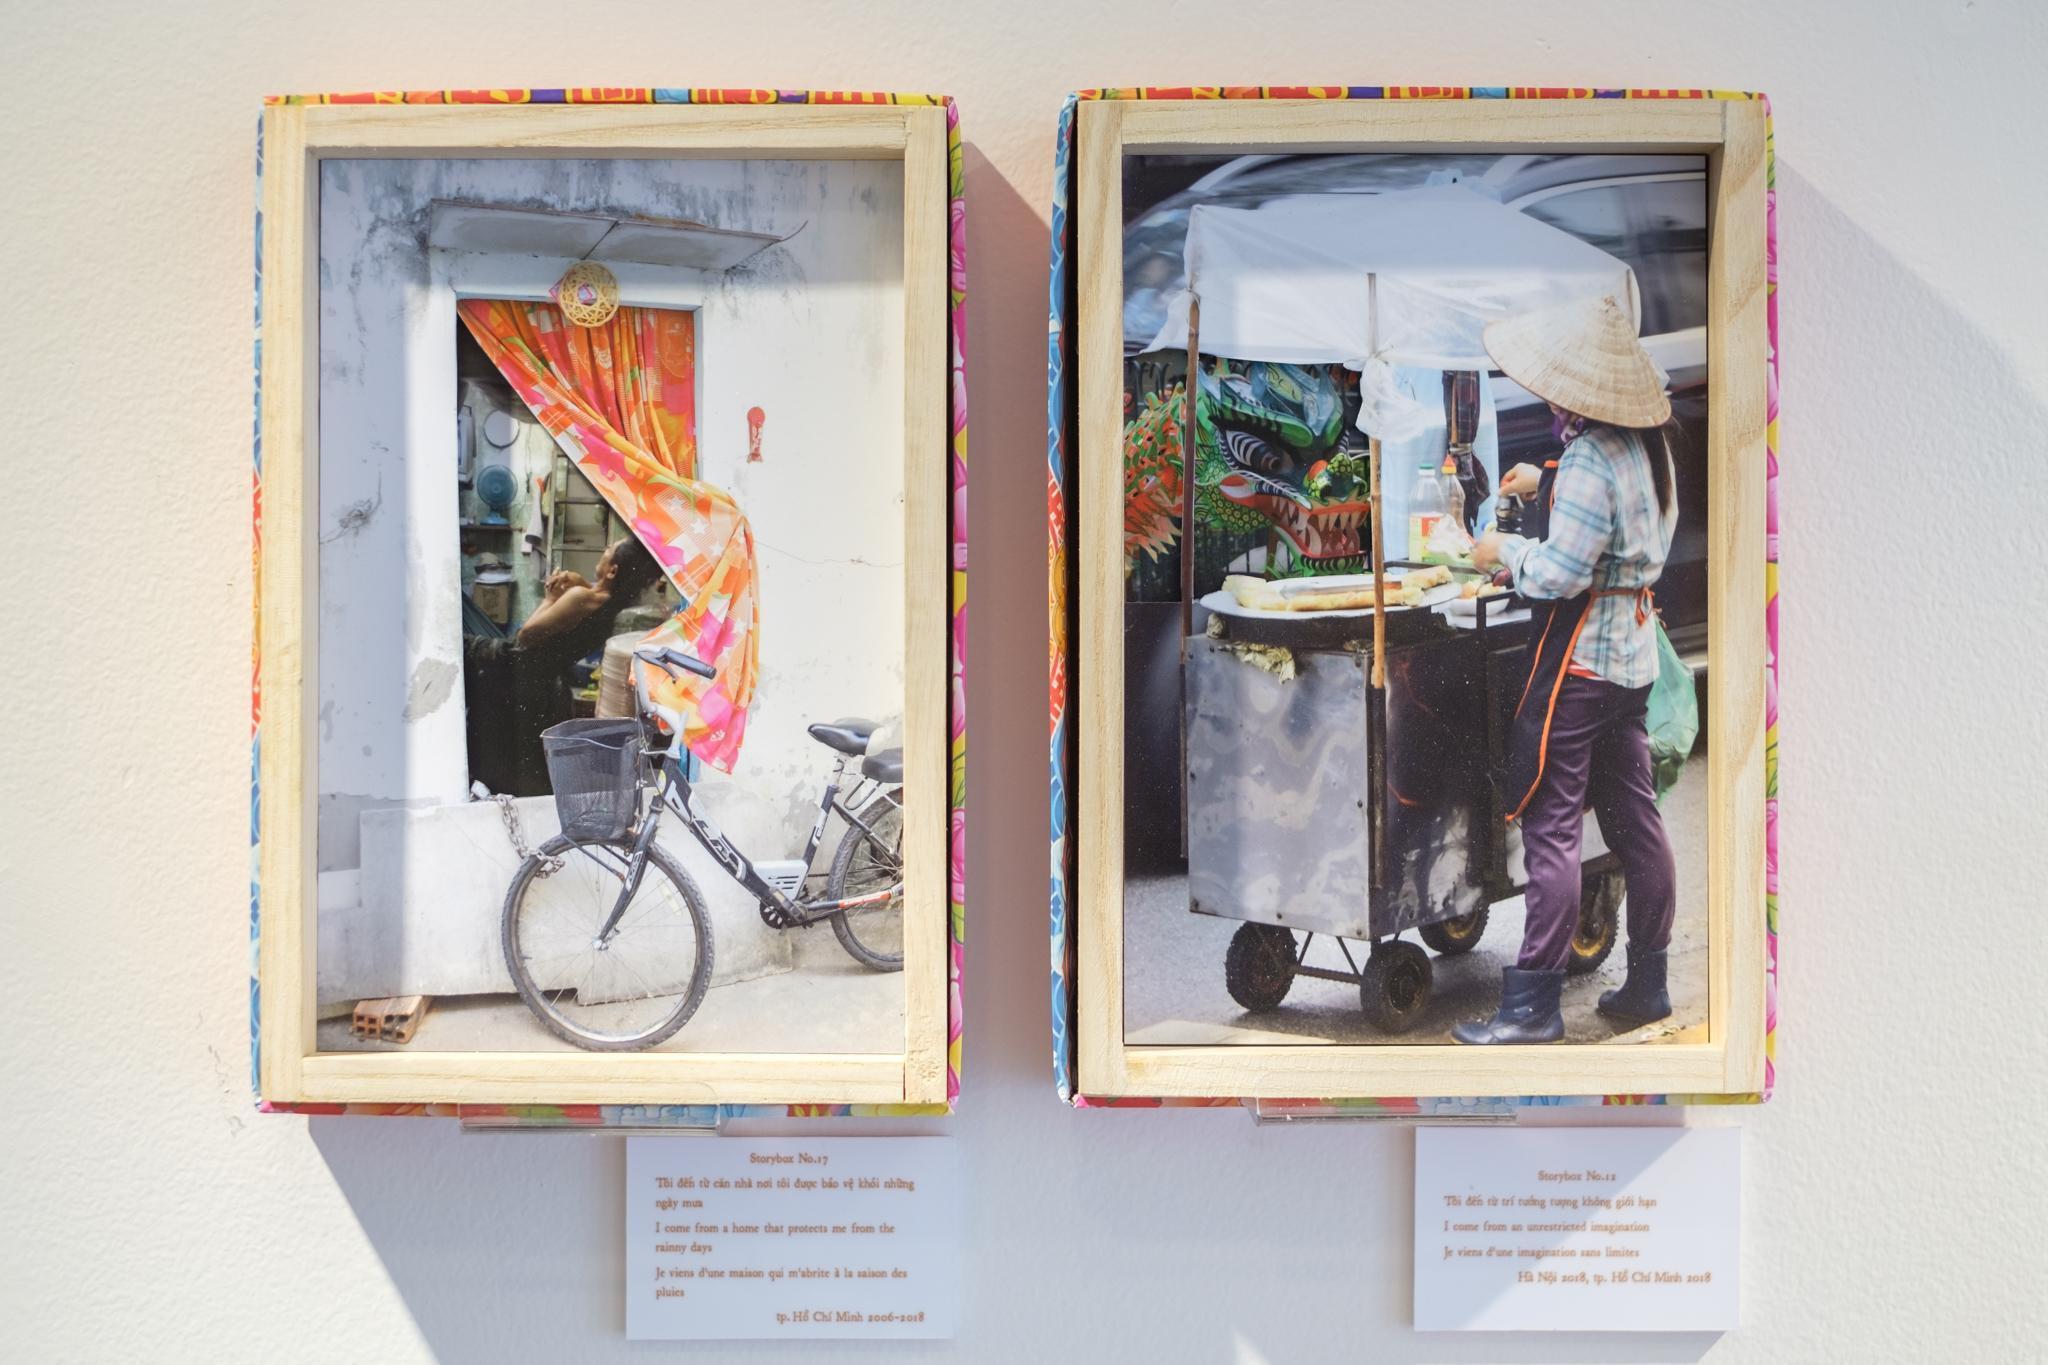 Bộ đôi nhà nhiếp ảnh Pháp kể về Việt Nam hiện đại qua những bức ảnh hộp